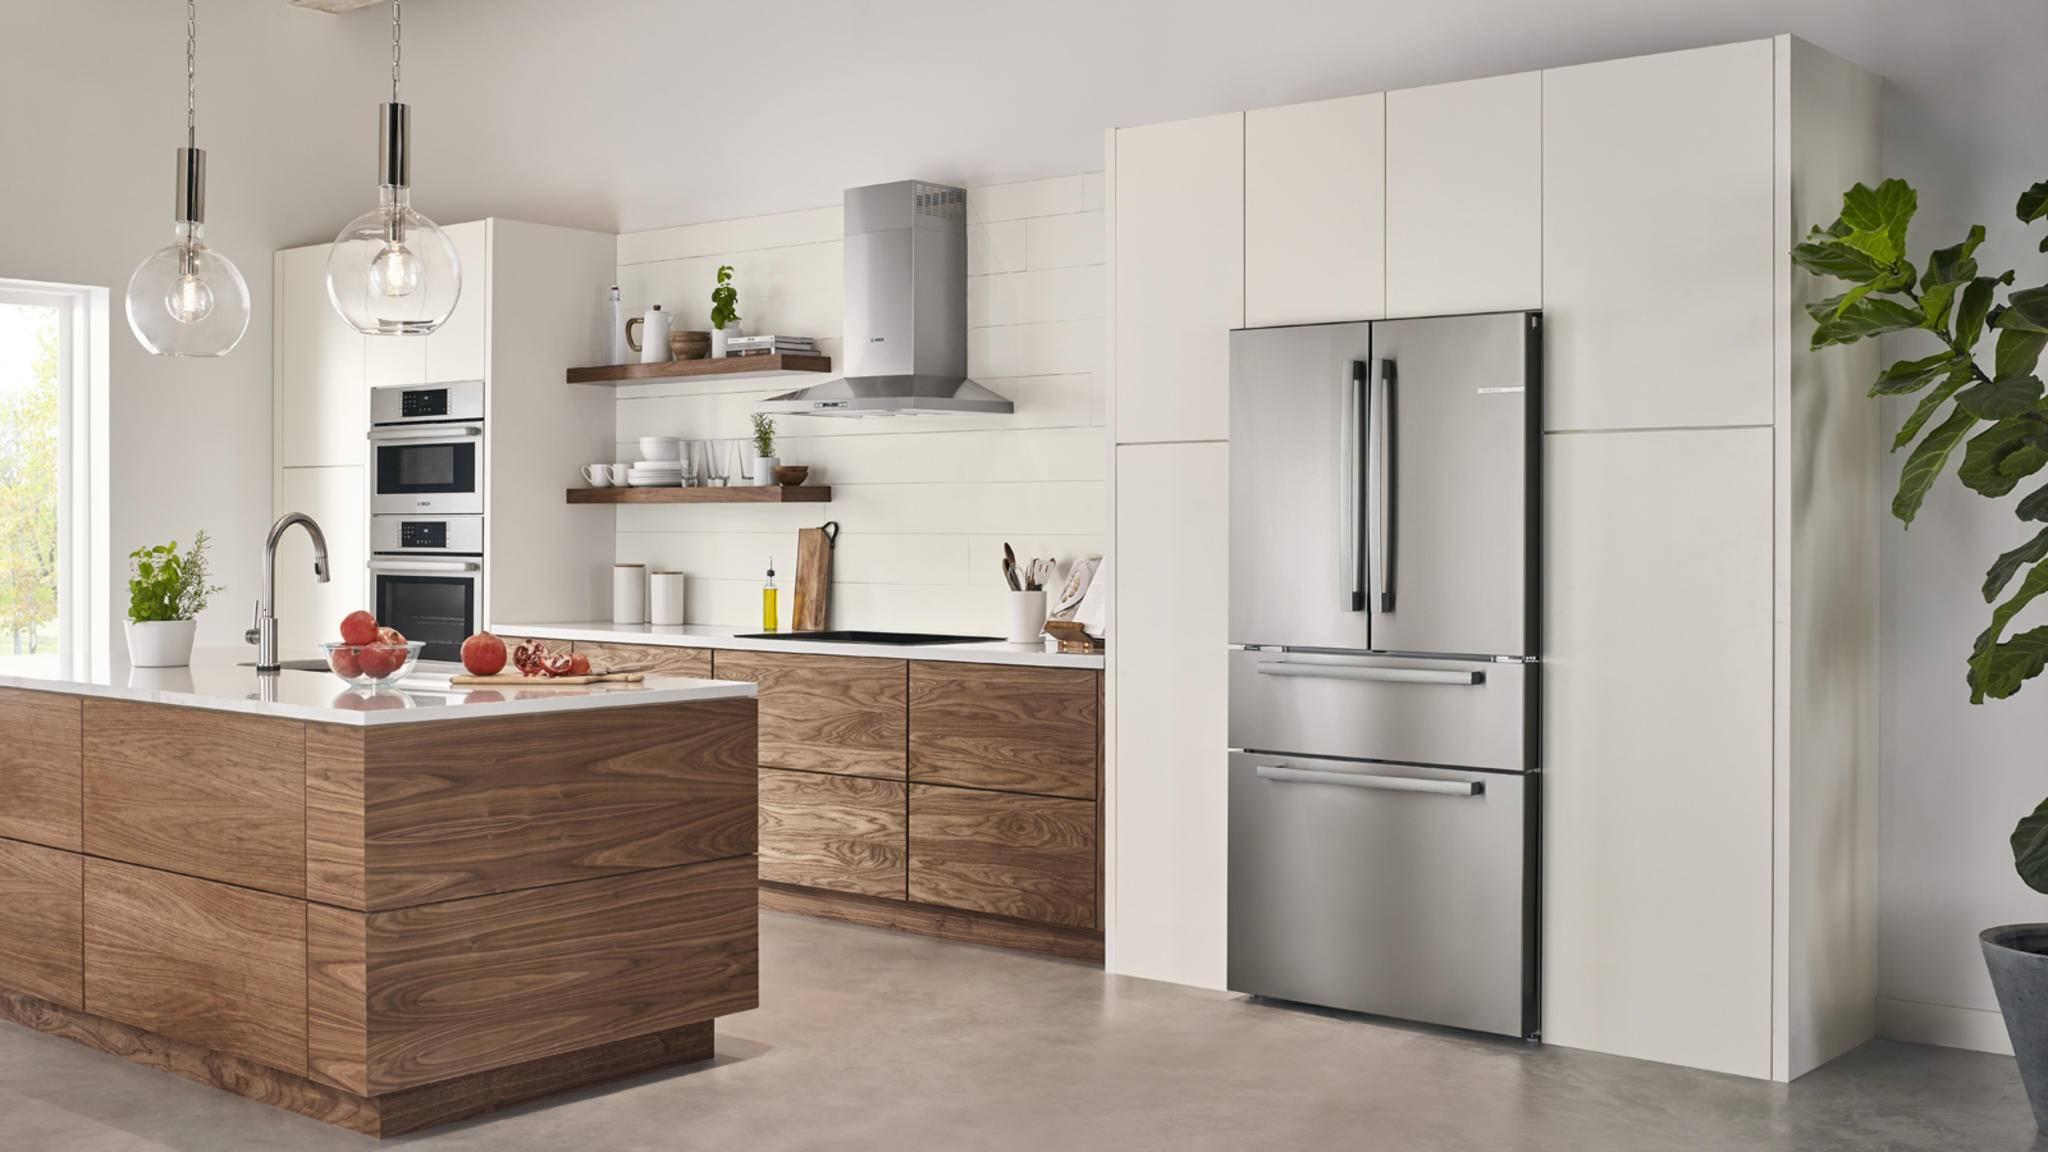 Bosch Vario Style Kühlschrank : Für mehr frische bosch präsentiert neue french door kühlschränke